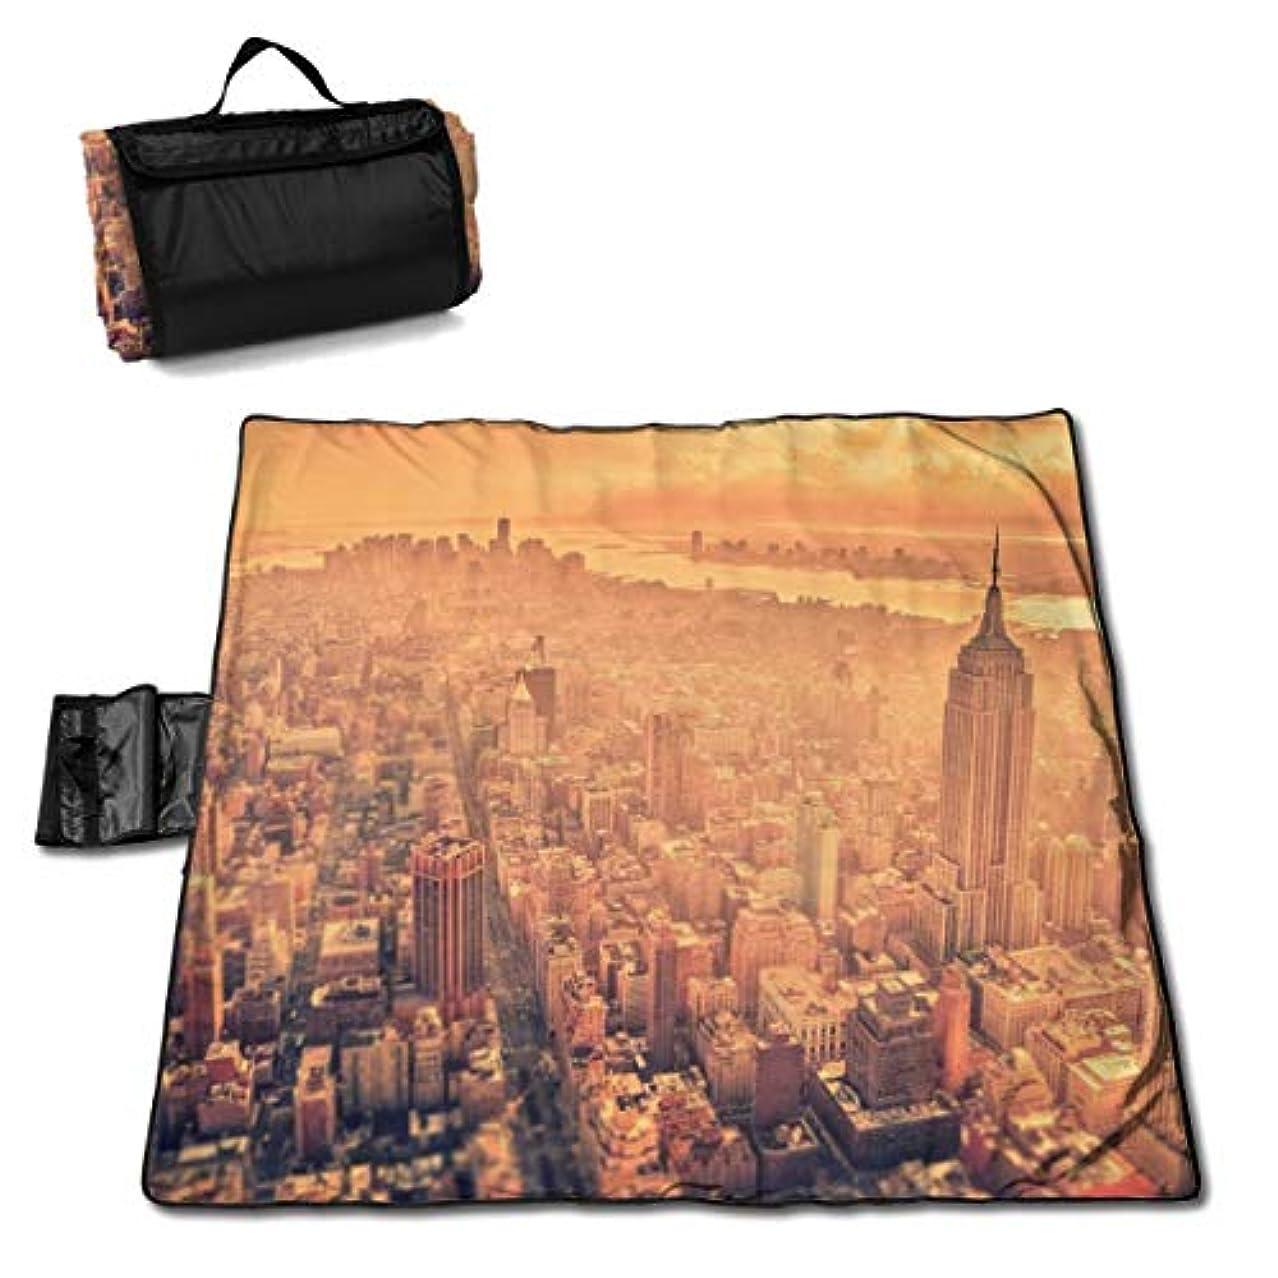 モック毛皮いわゆるVvdsfsaaaレジャーシート ニューヨーク ピクニックマット防水 携帯便利 150×145cm 2~6人用